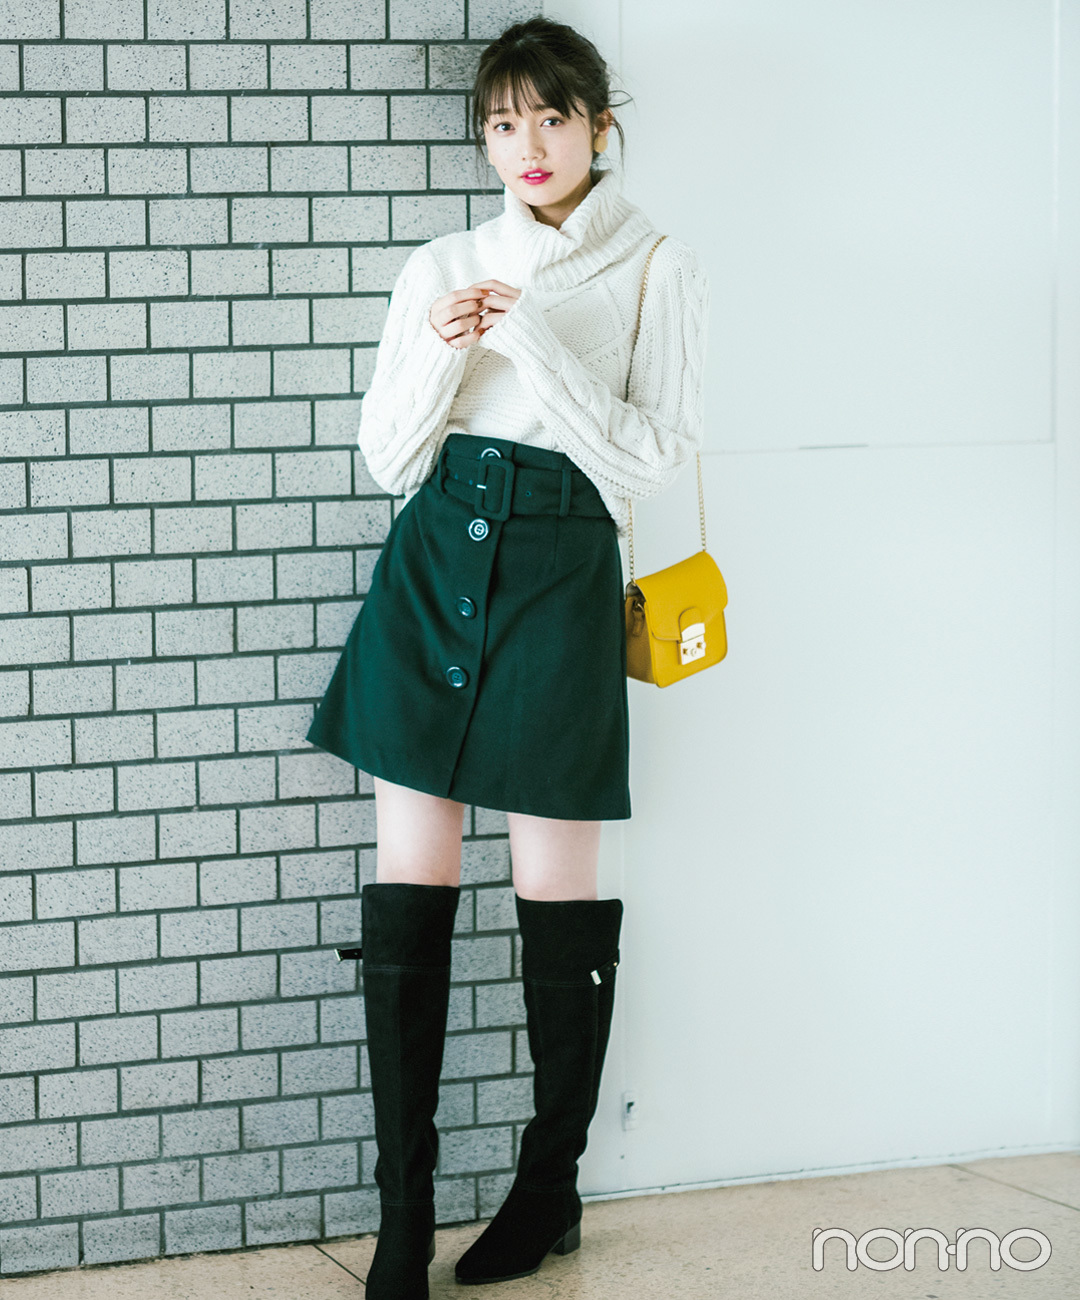 【台形ミニスカートコーデ】台形ミニスカートはロングブーツで新しいバランスに♡